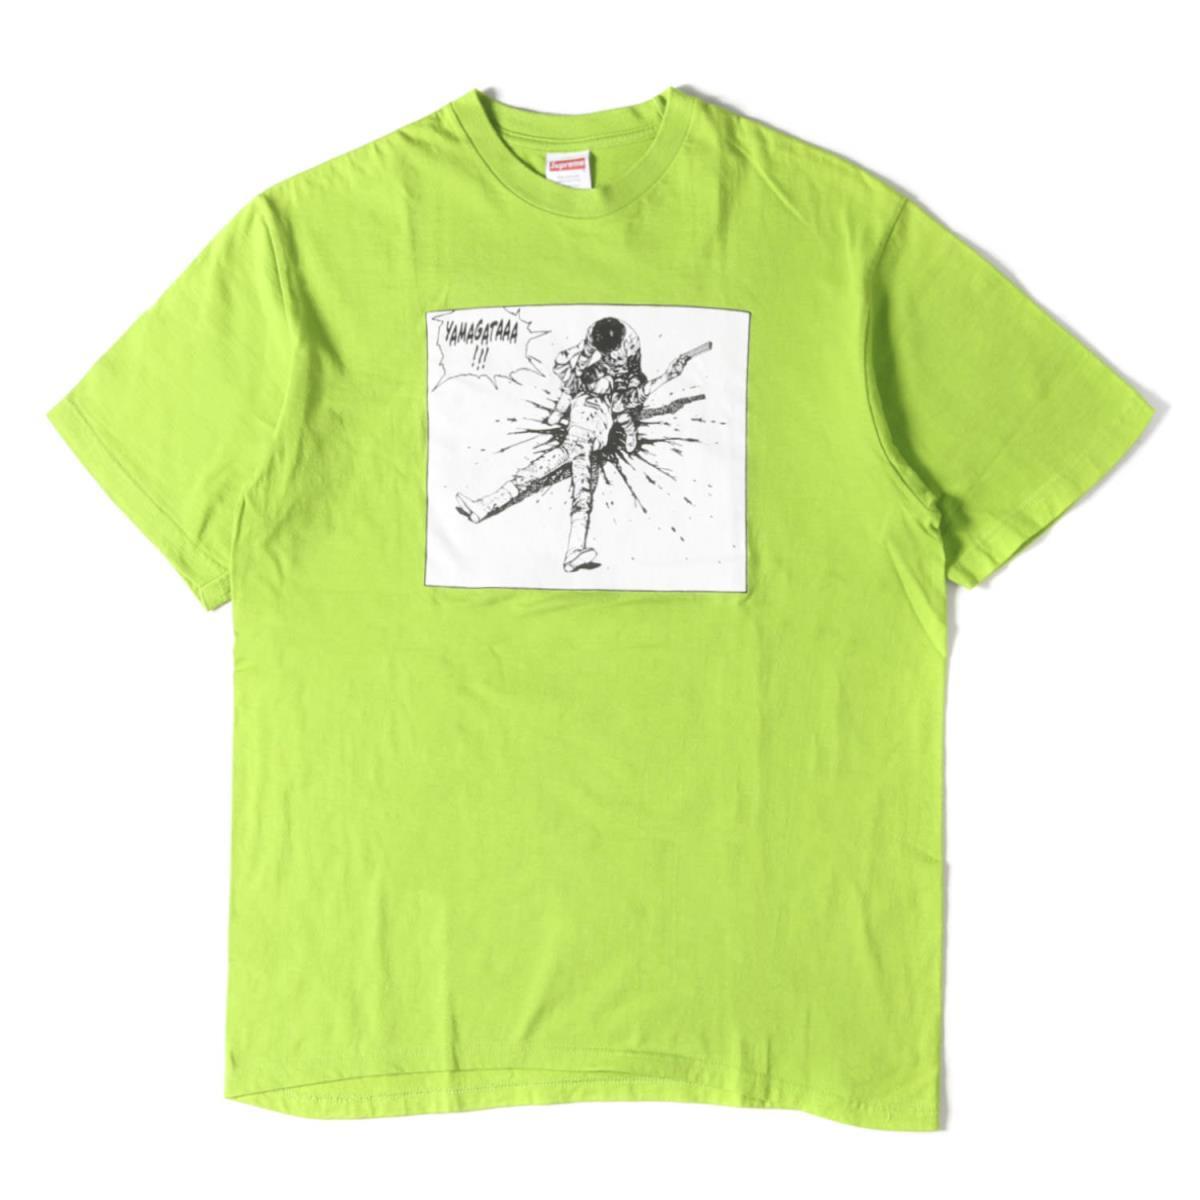 トップス, Tシャツ・カットソー Supreme T 17AW AKIRA T Yamagata Tee M K2684